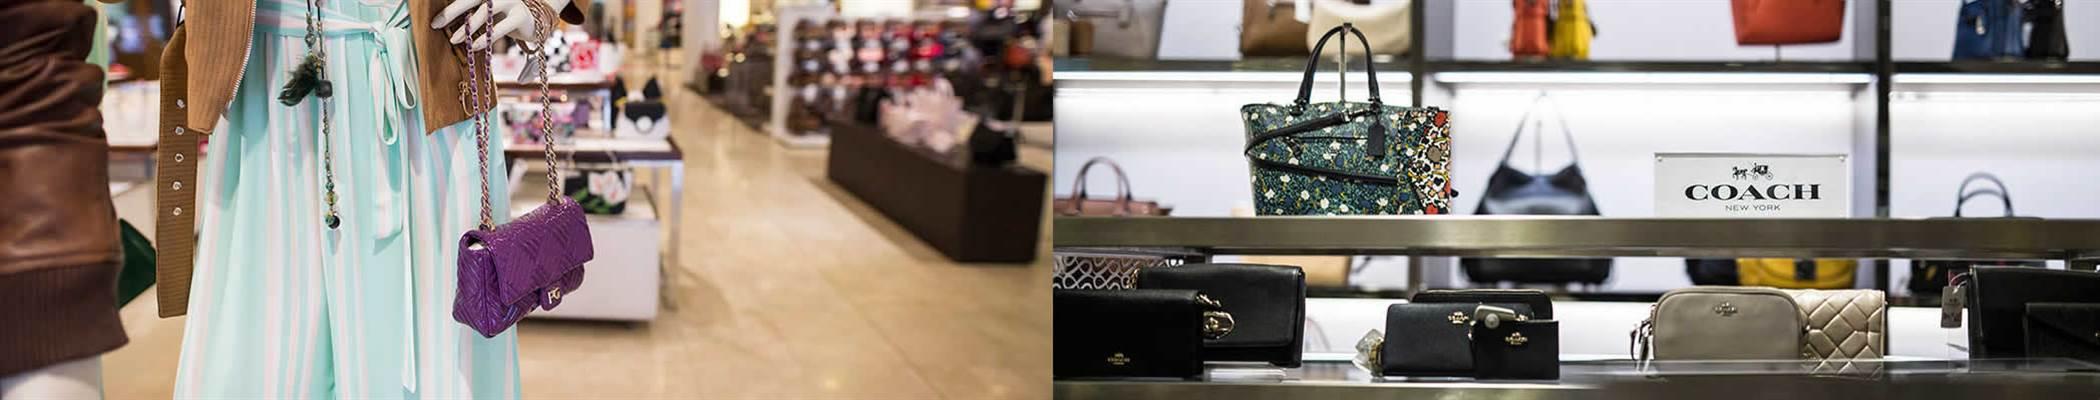 dc49c48997b5 Bolsos Andorra – Comprar un bolso más barato en Pyrénées